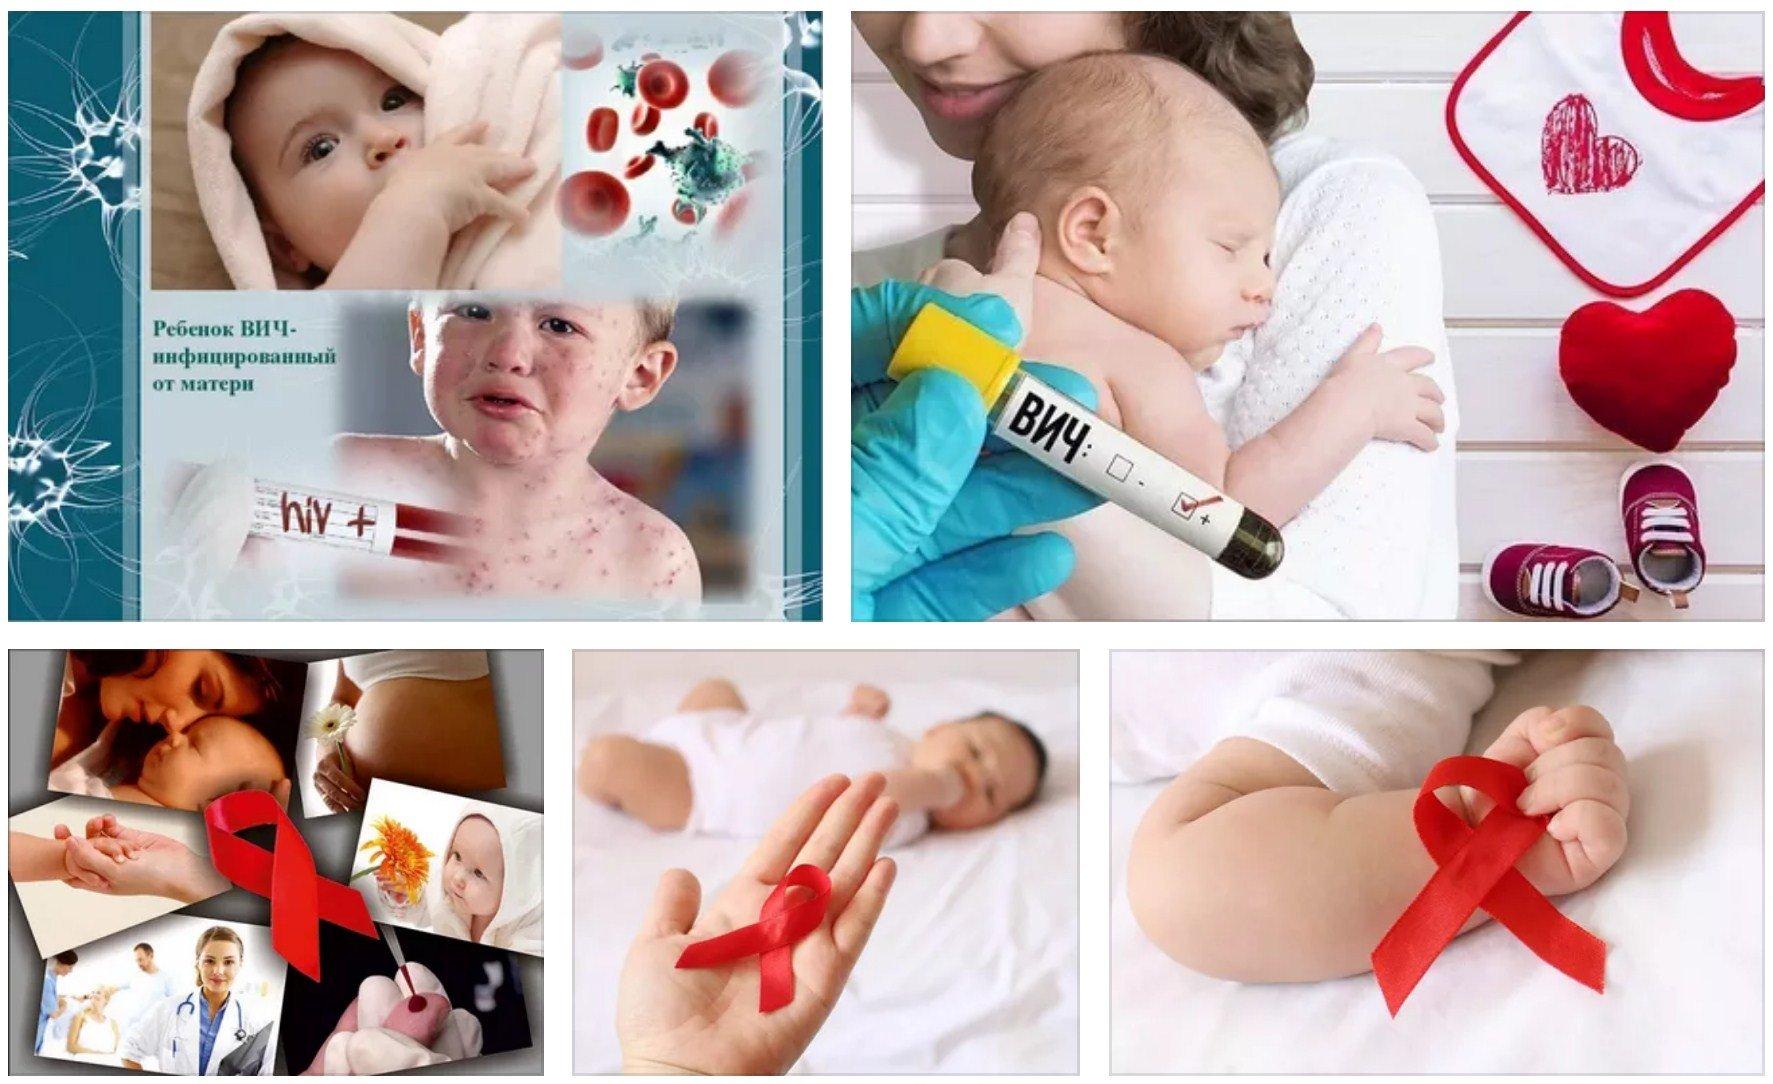 ВИЧ-инфицированный ребенок